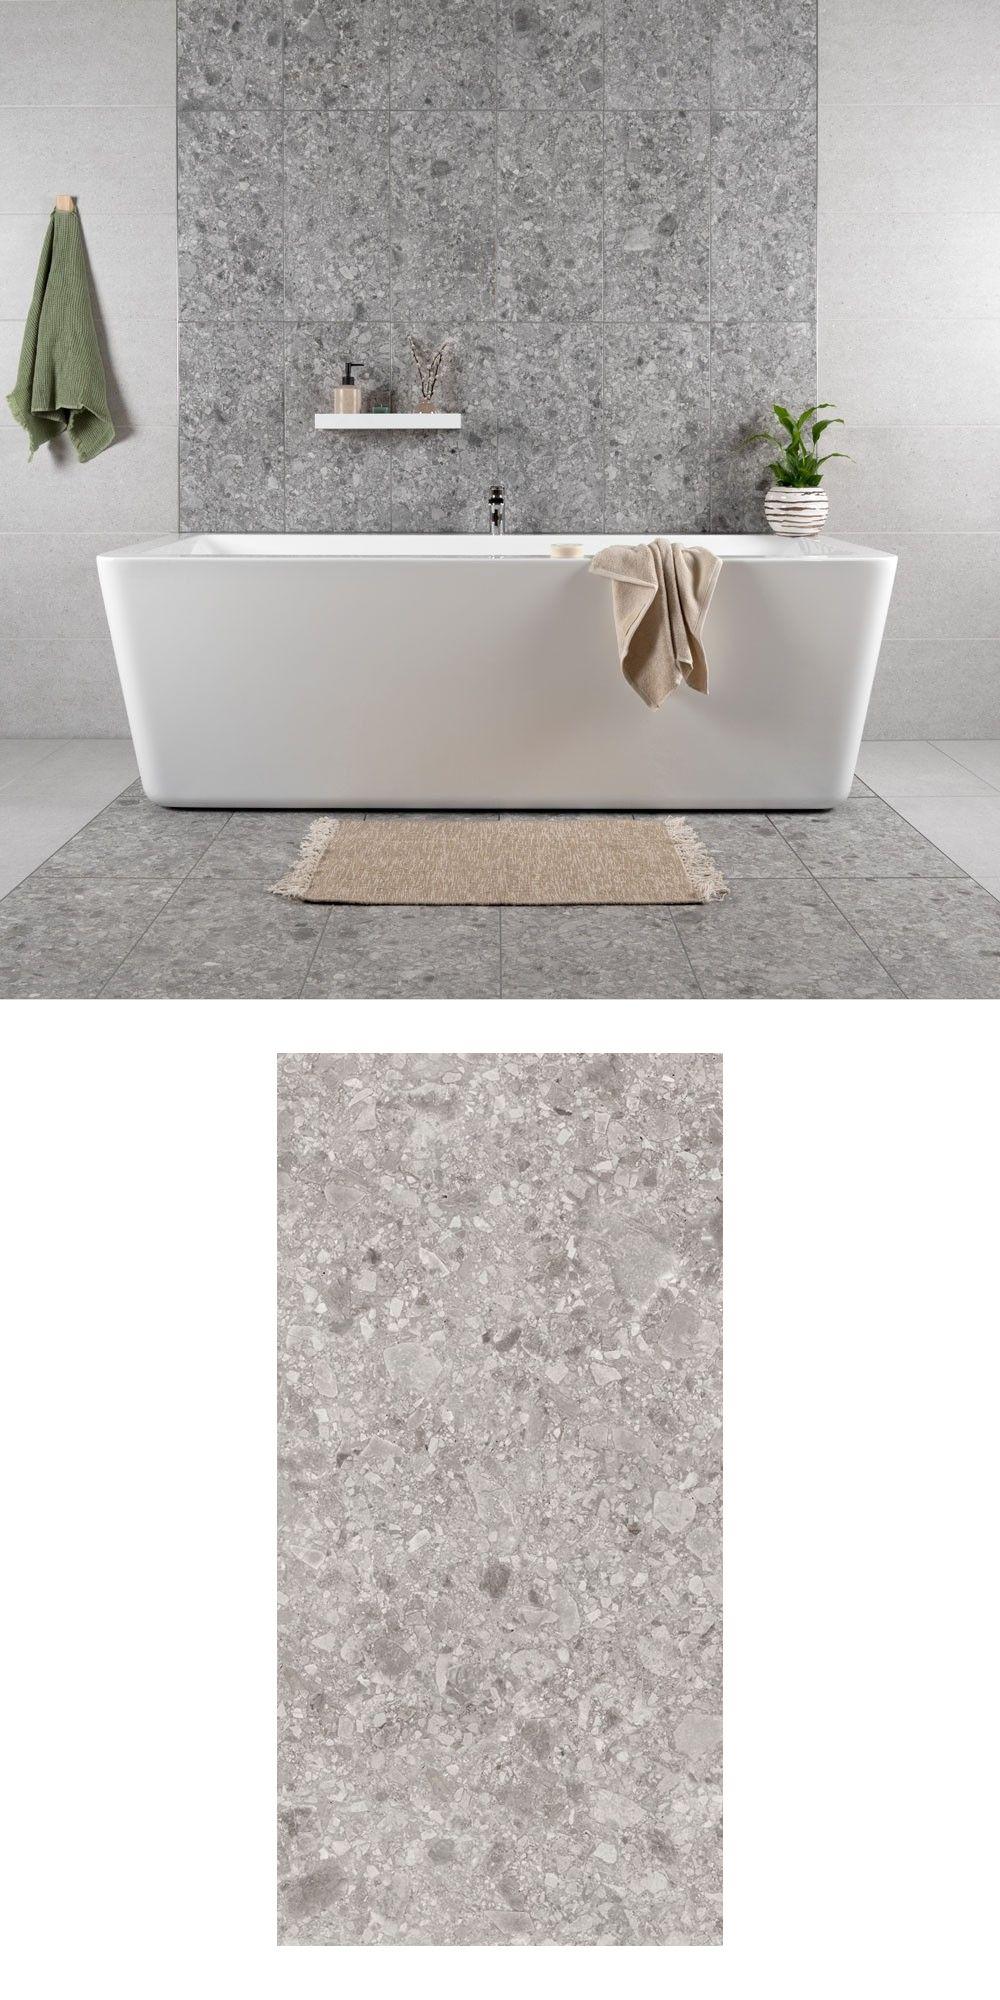 Ceppo Di Gre Gloss 60x30 Tiles Stone Decor Tiles Bathroom Wall Tile